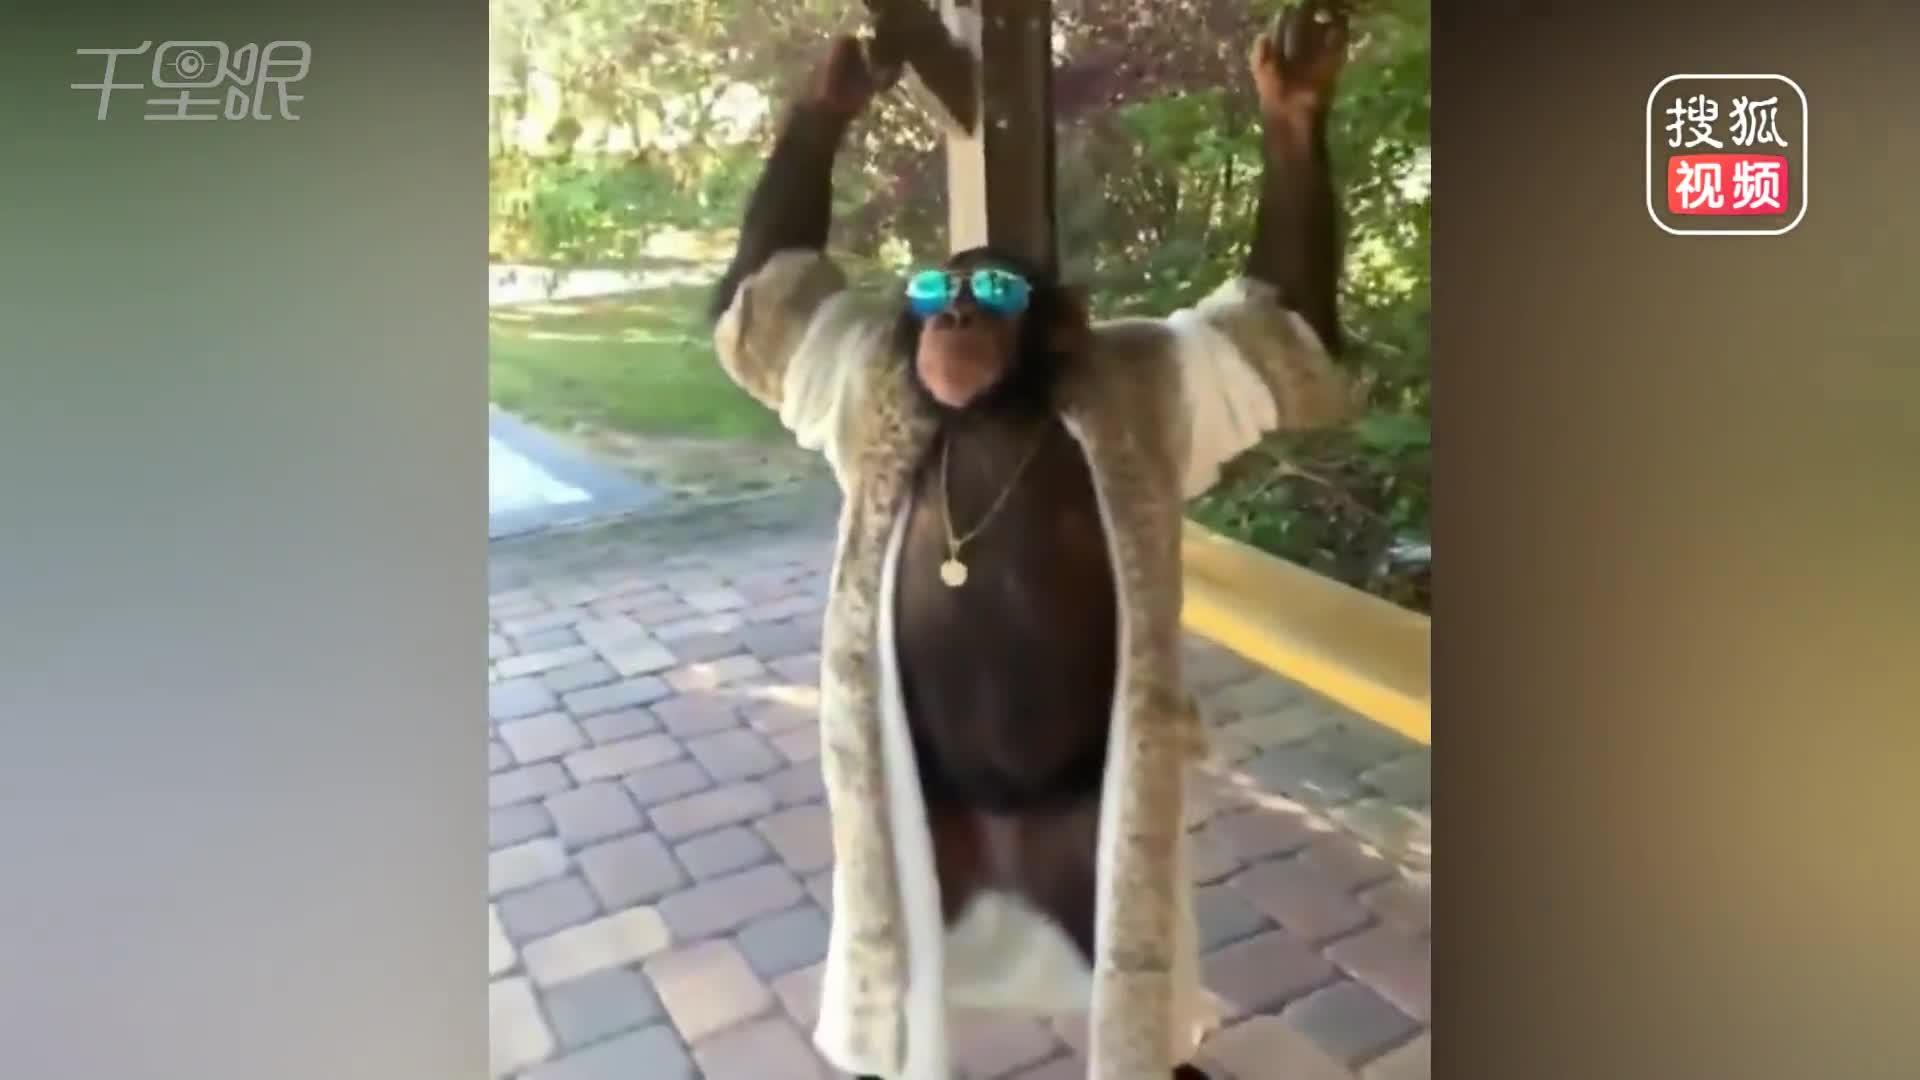 [视频]大猩猩戴墨镜穿人衣 直立行走太霸气